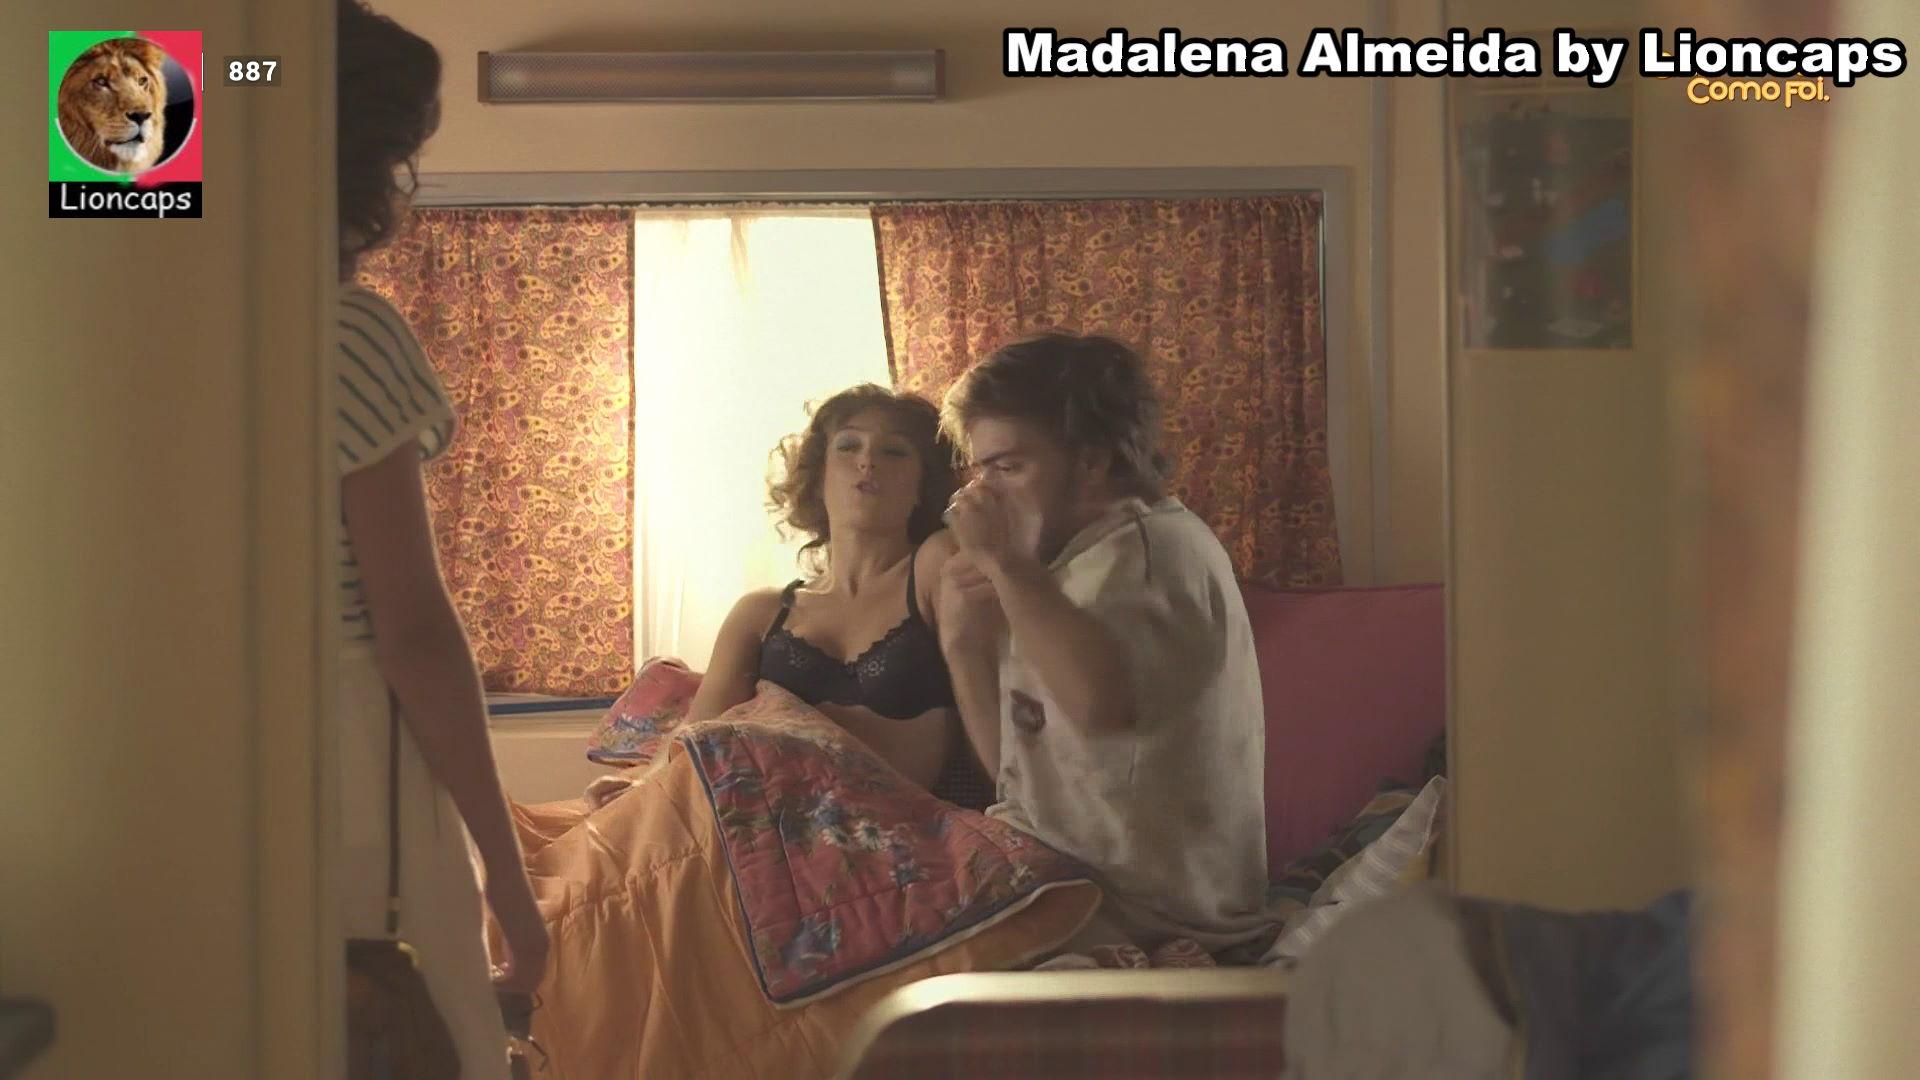 044975940_madalena_almeida_vs200324_0091_122_475lo.JPG